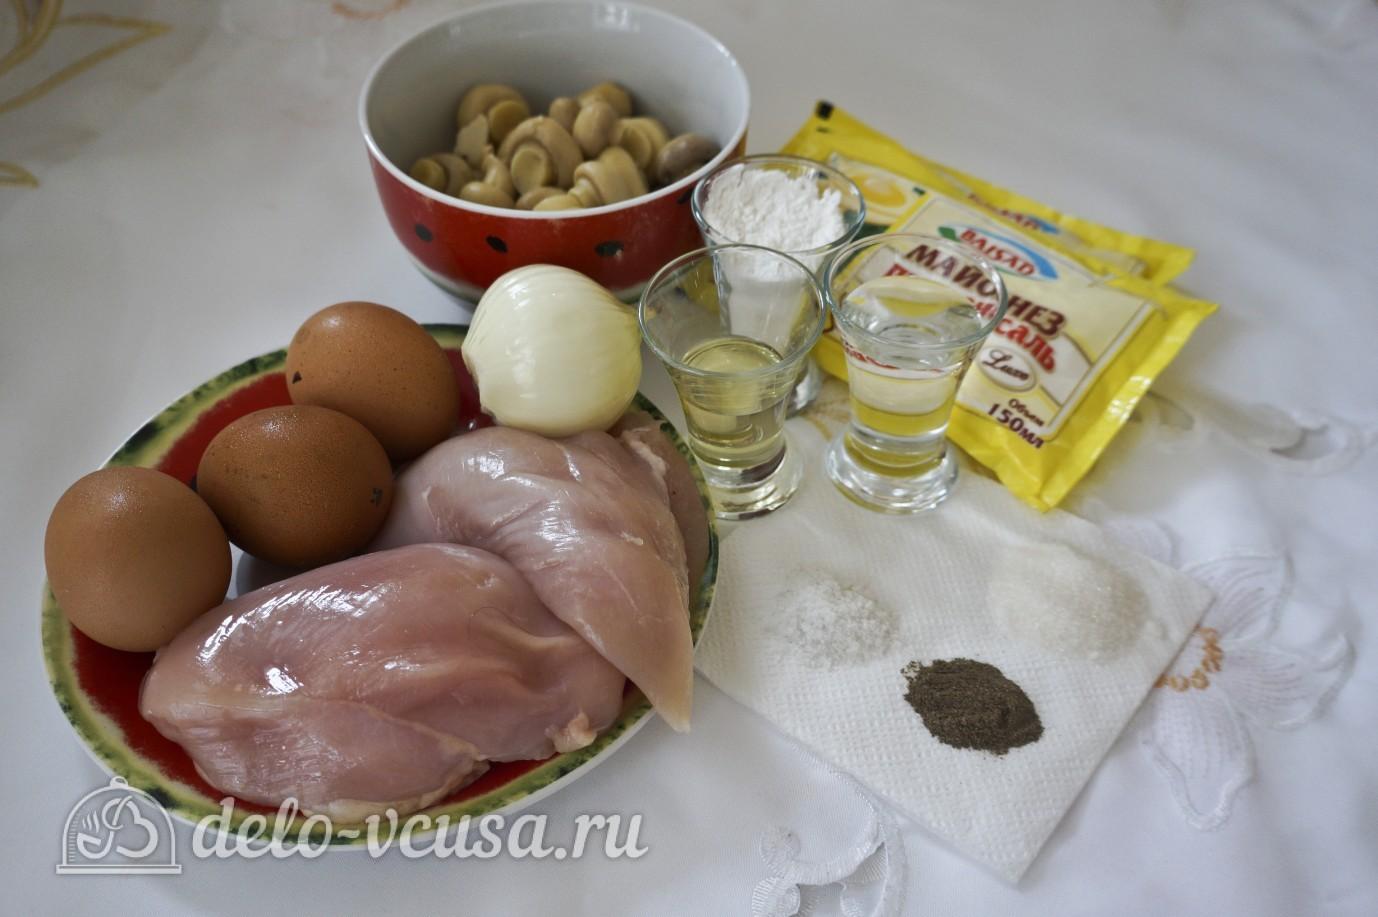 Салат с блинами и грибами: Ингредиенты